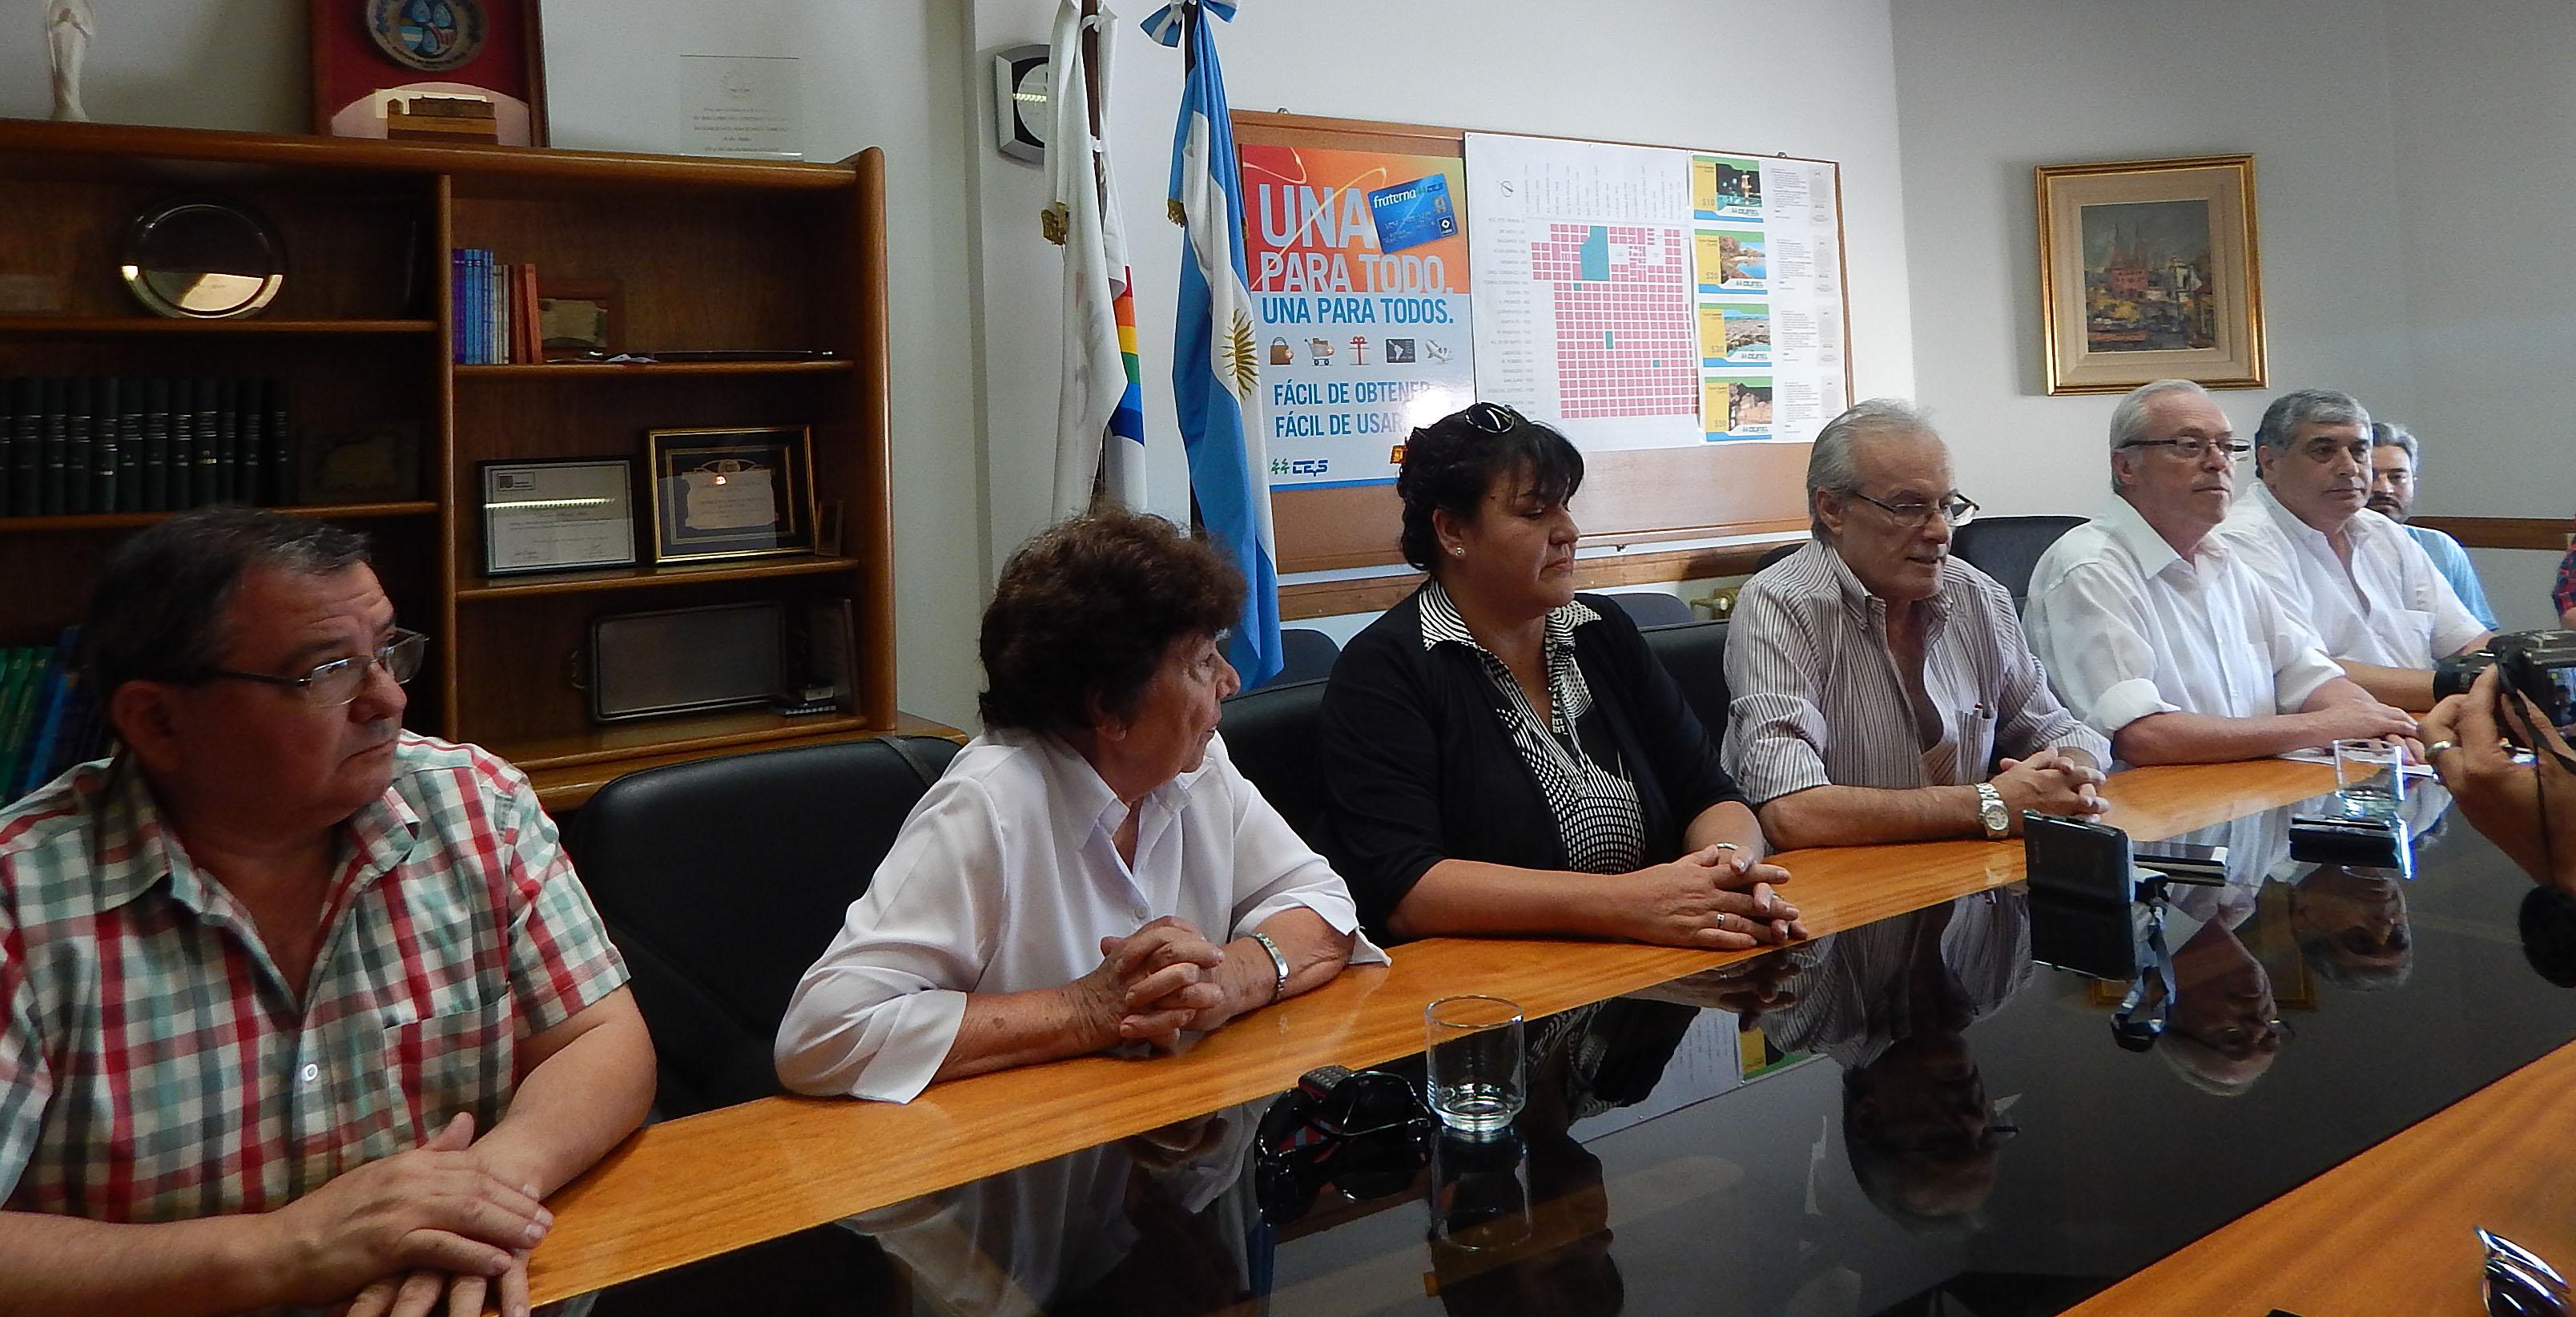 Se confirmó la fecha de elecciones en la CEyS  y sus autoridades resaltaron que las mismas se dan todos los años